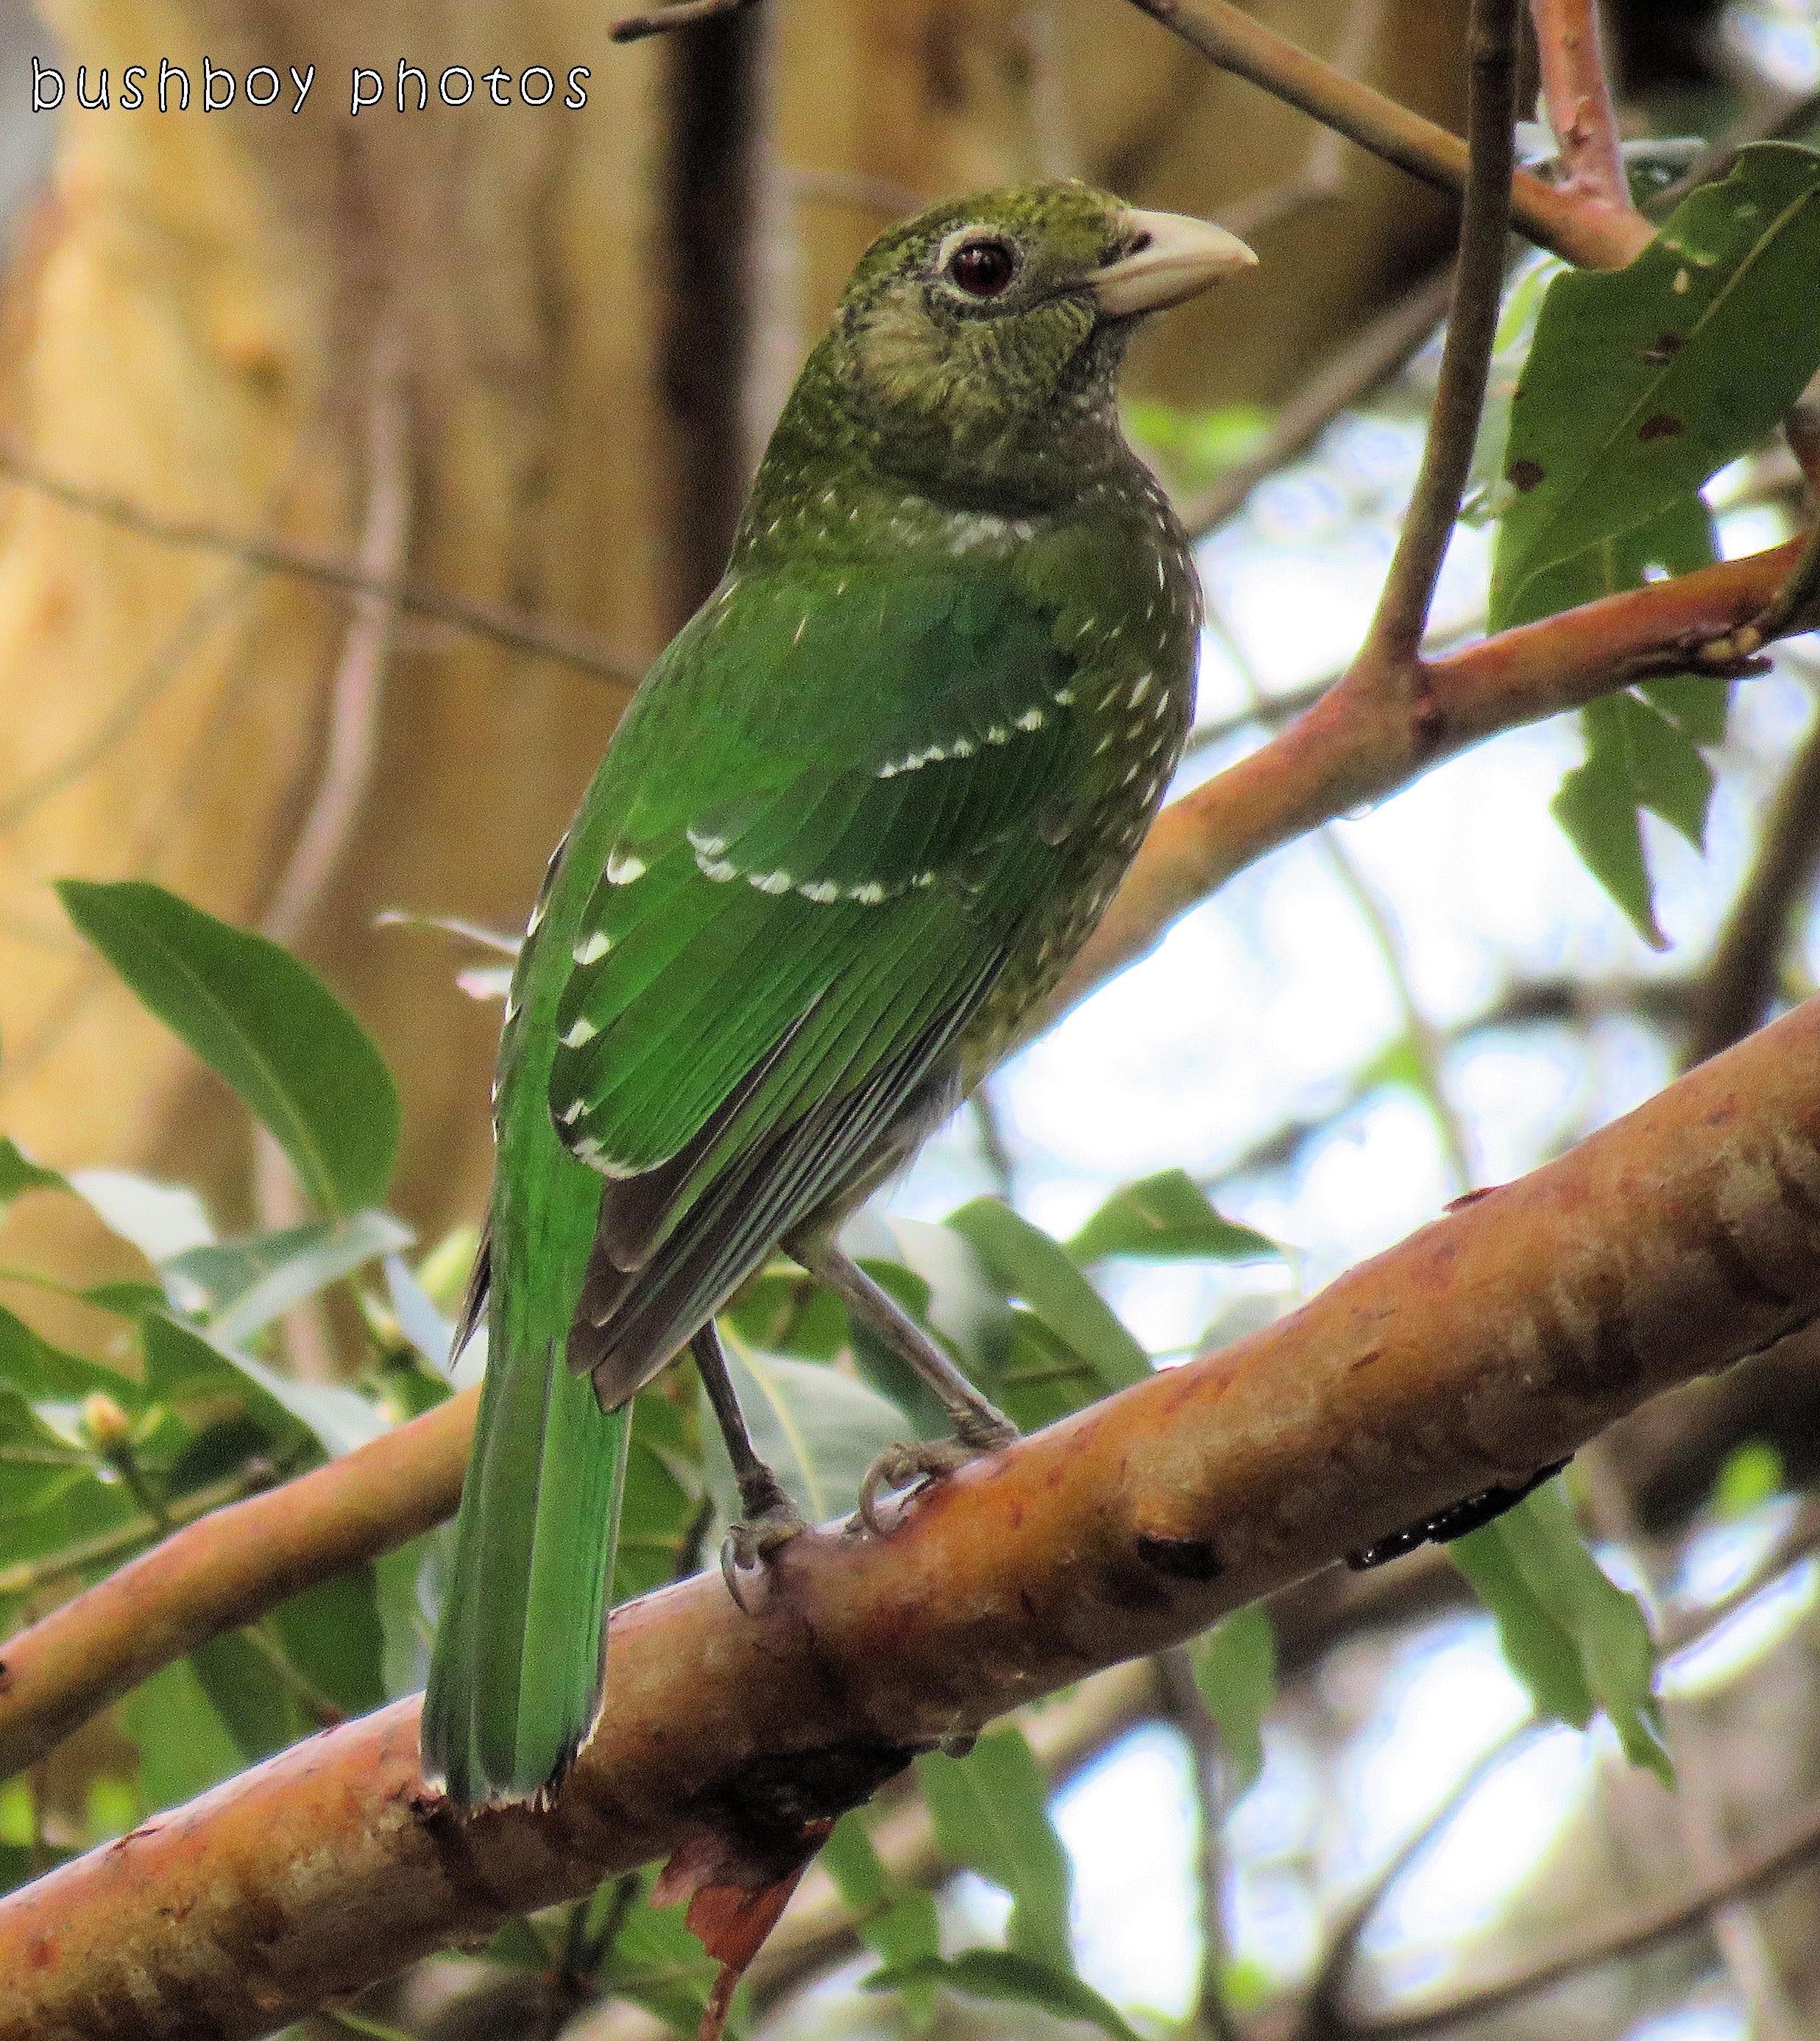 171017_blog challenge_bird_green catbird